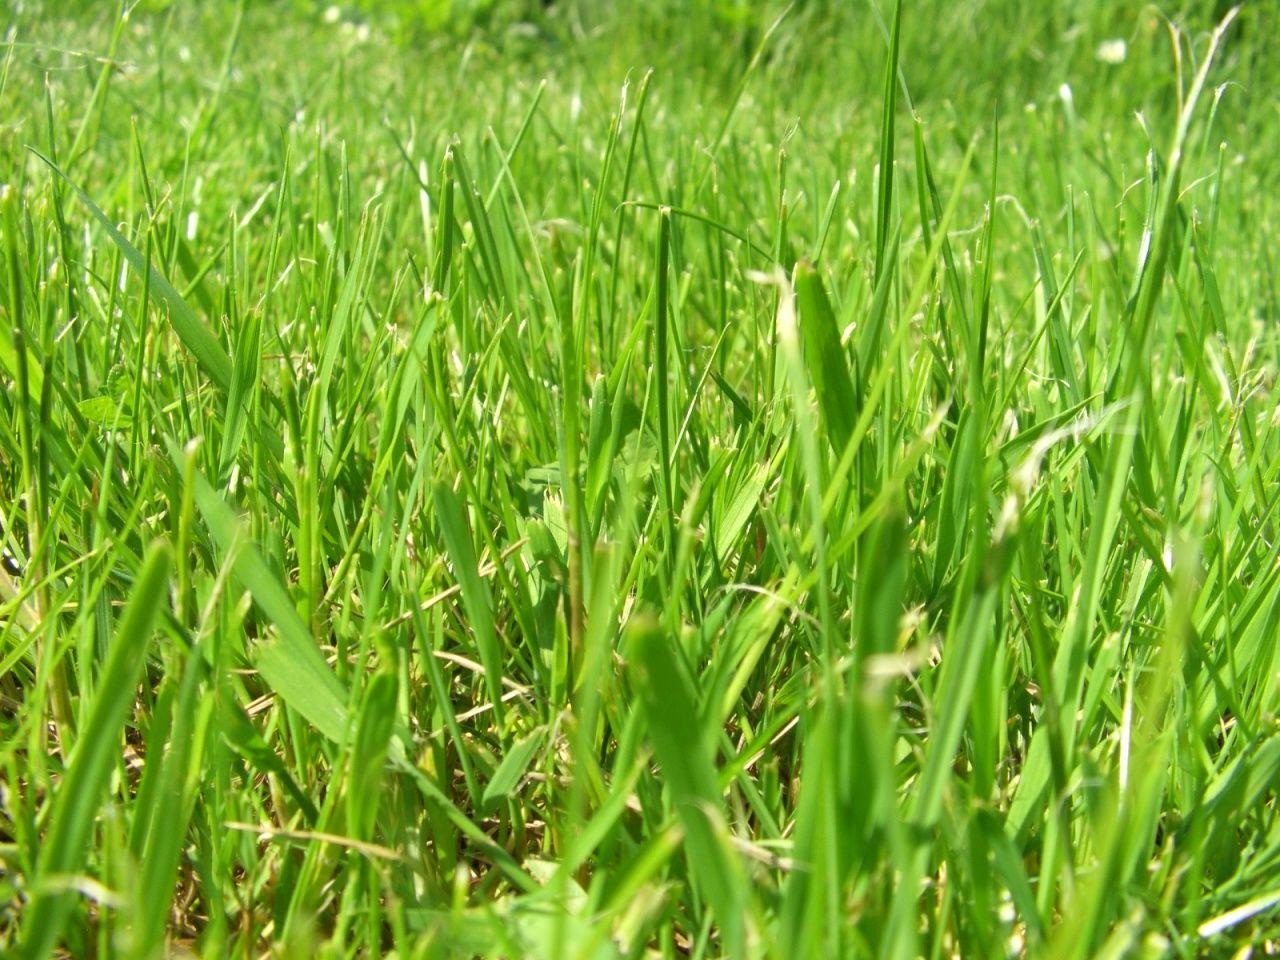 A green summer field of grass herbs field of dreams grass